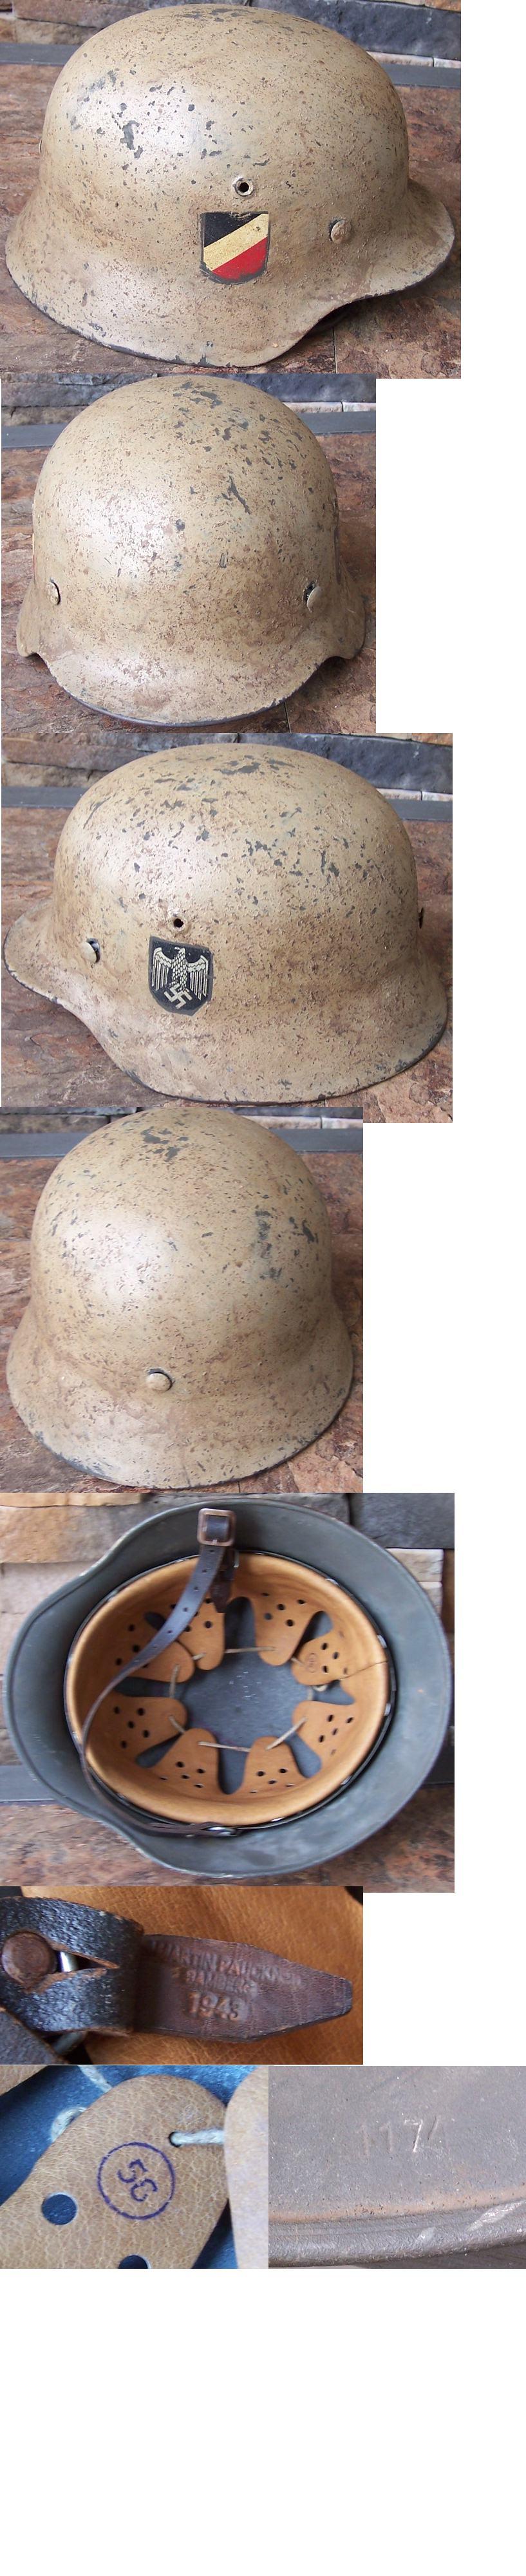 M40 Army DD Helmet by Quist